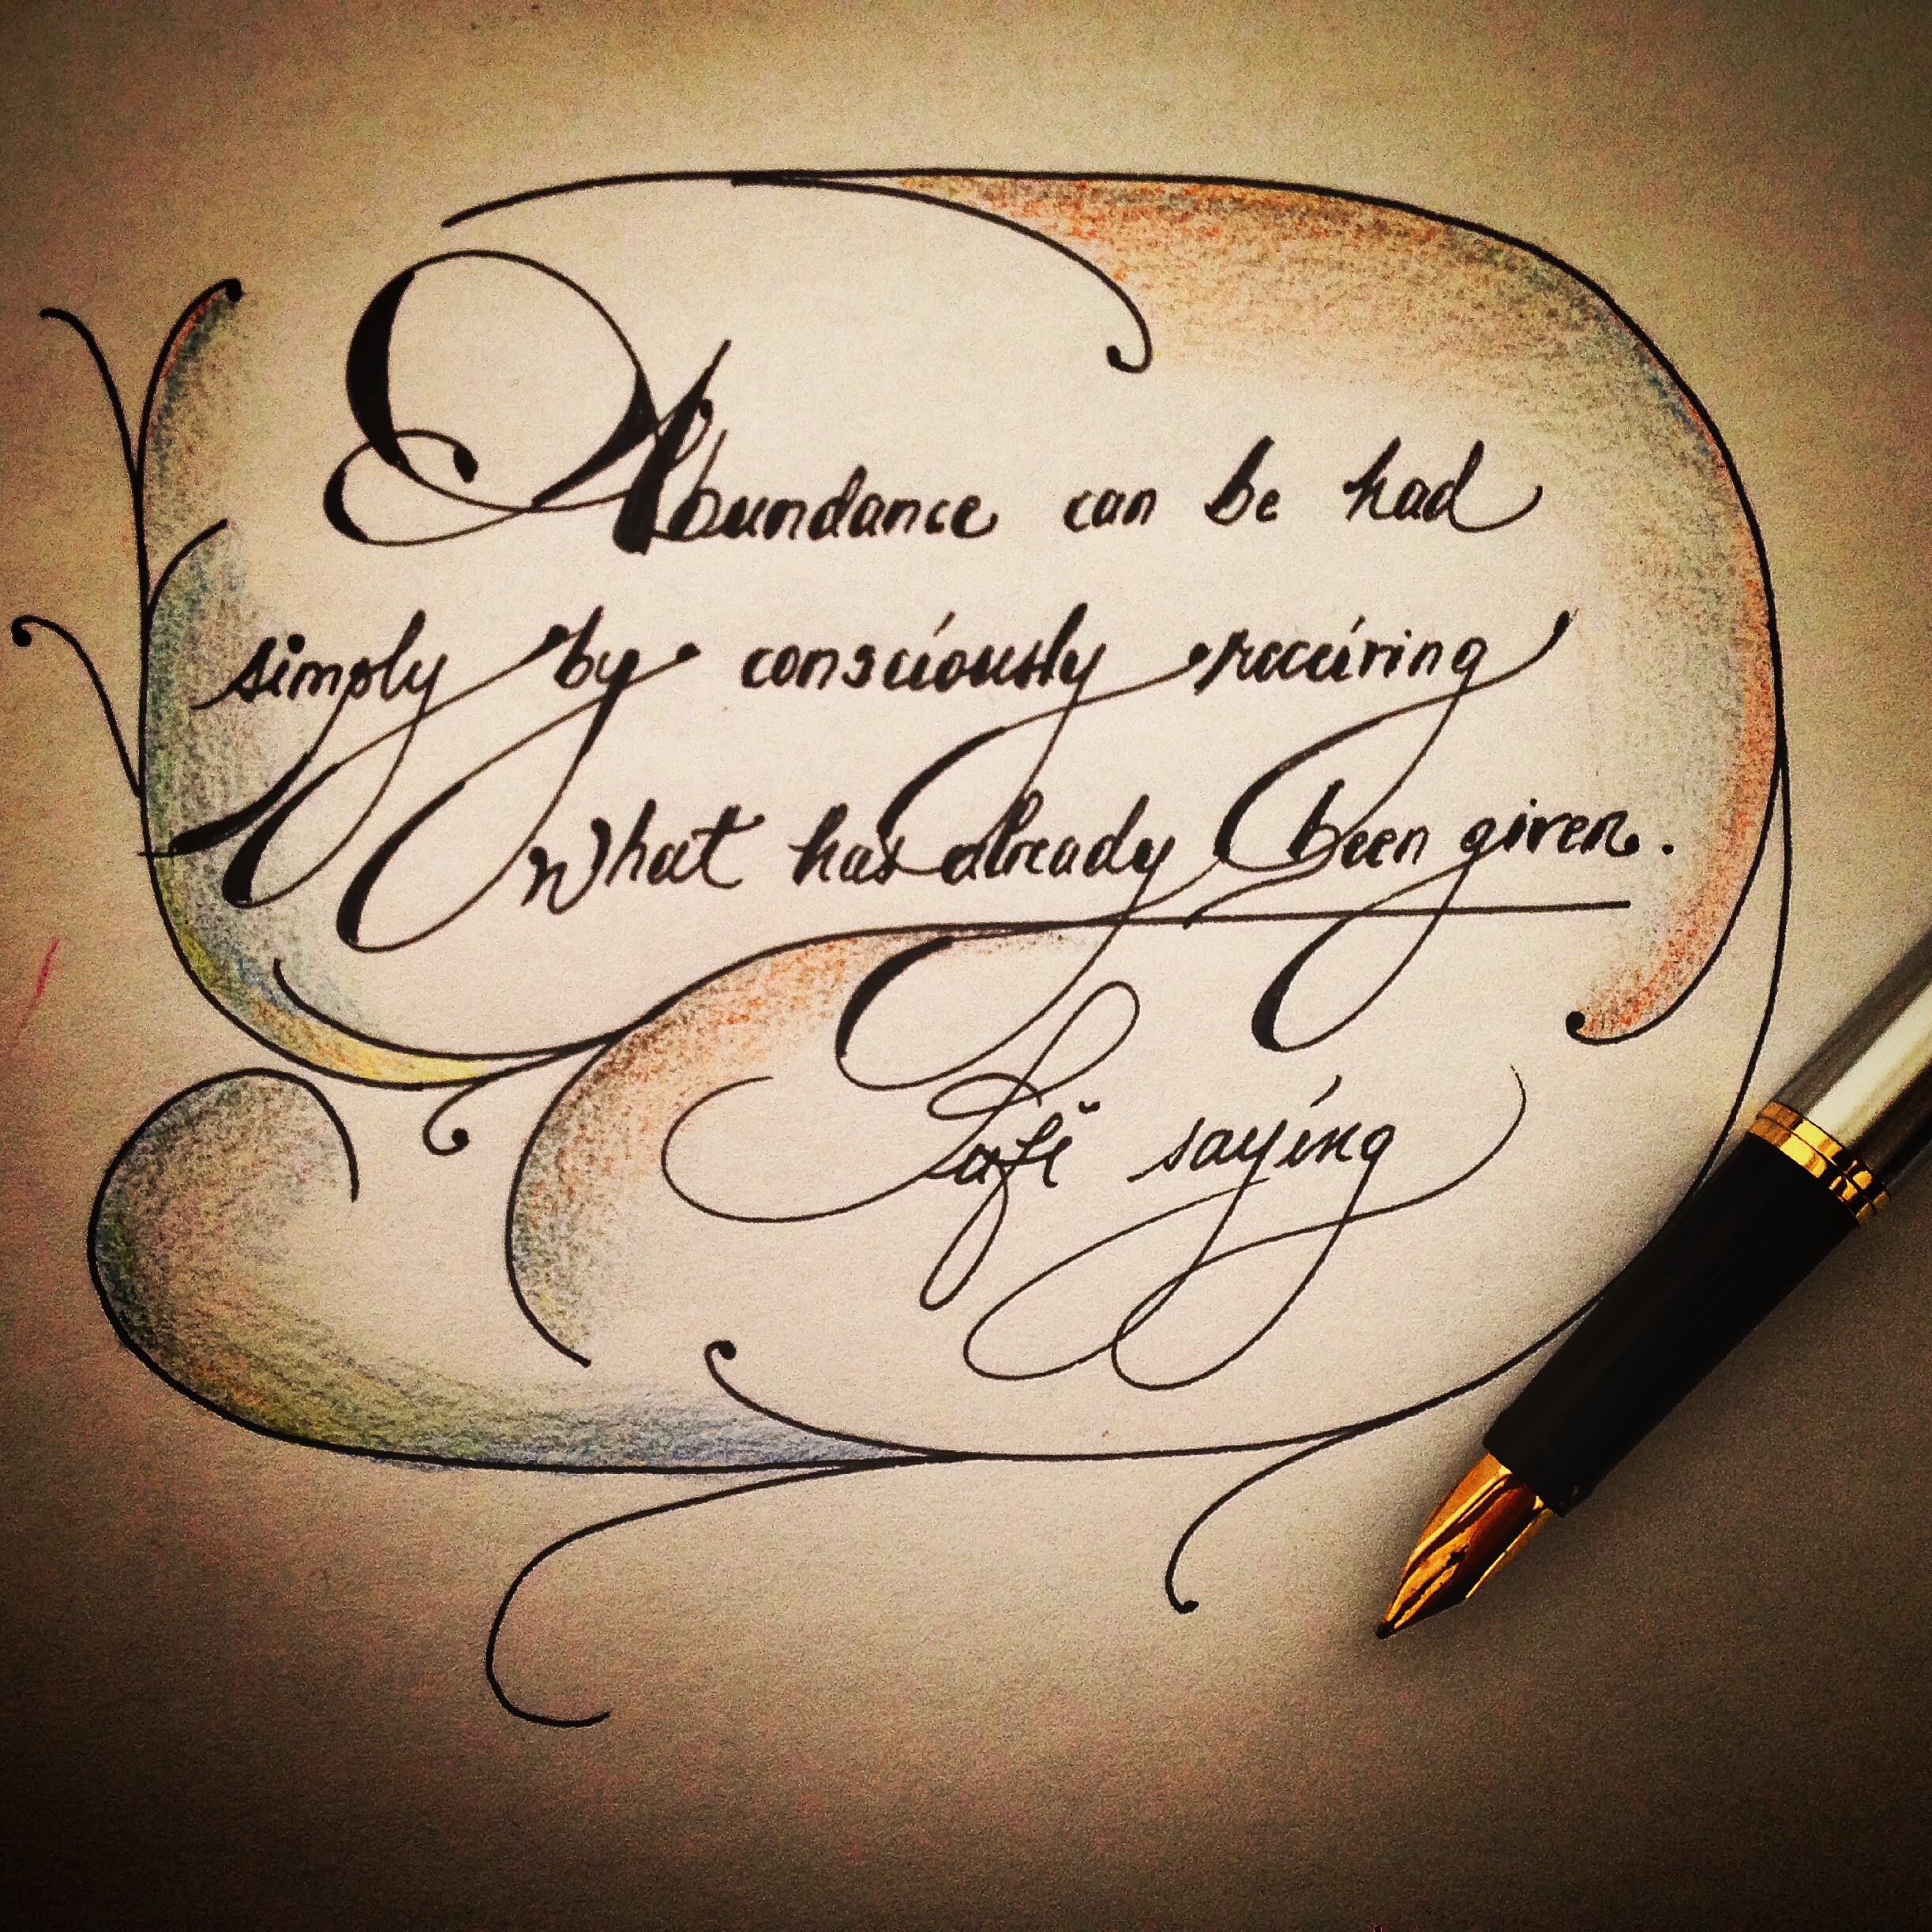 Calligraphic quotes